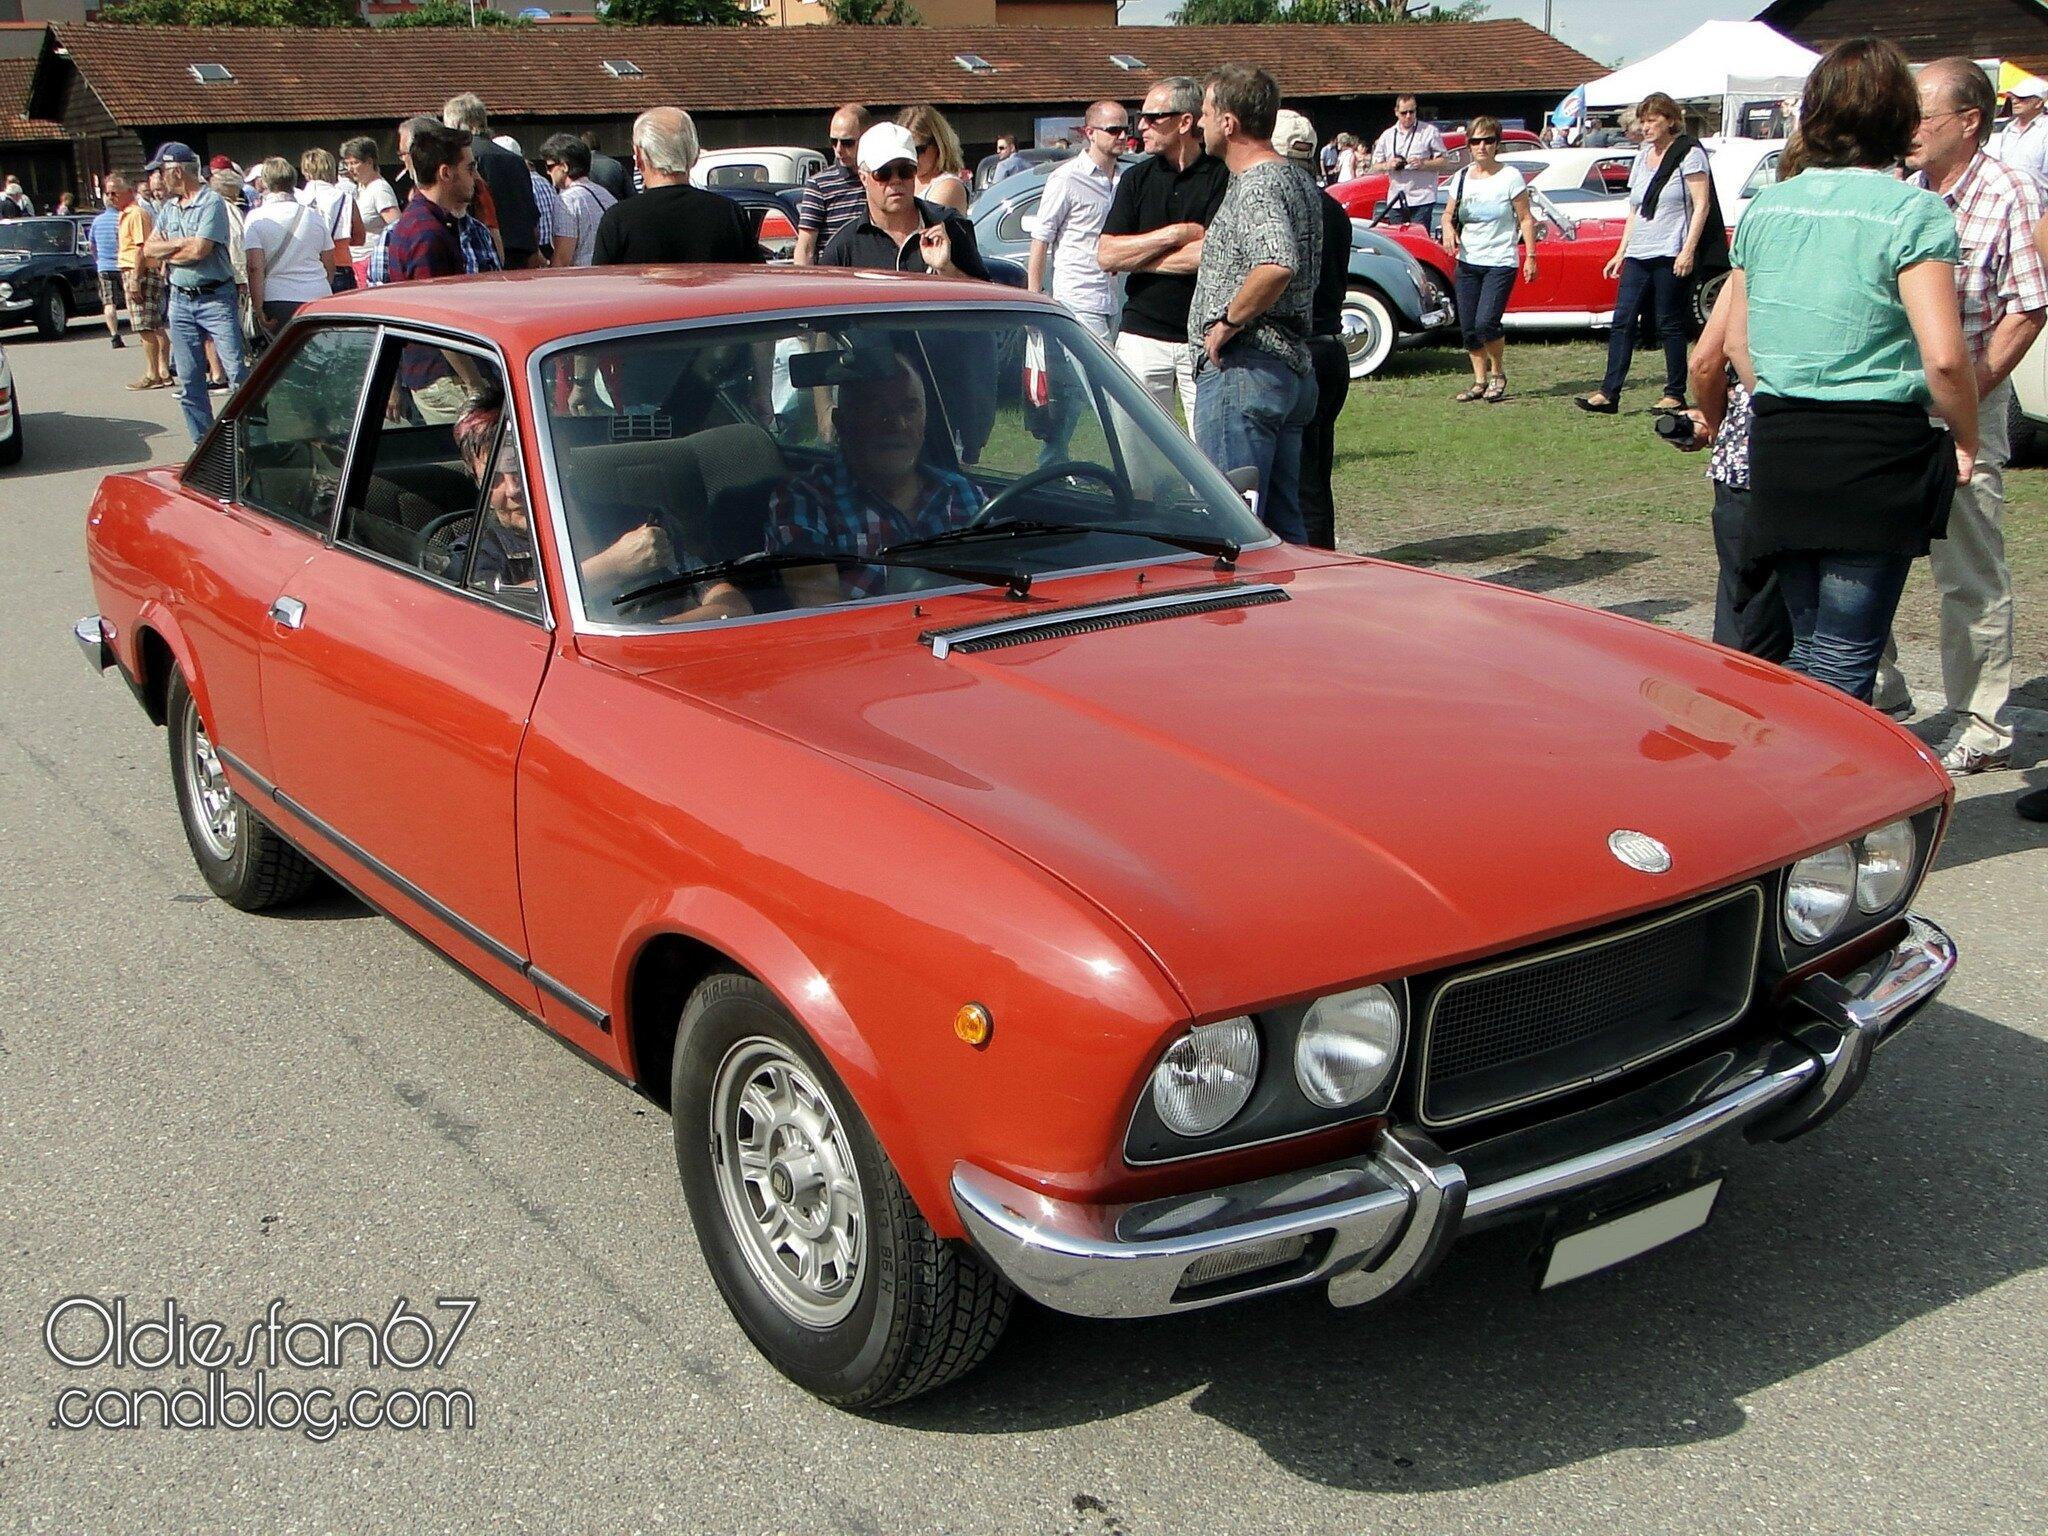 Fiat tous les messages sur fiat oldiesfan67 mon blog auto - 1975 fiat 124 sport coupe ...